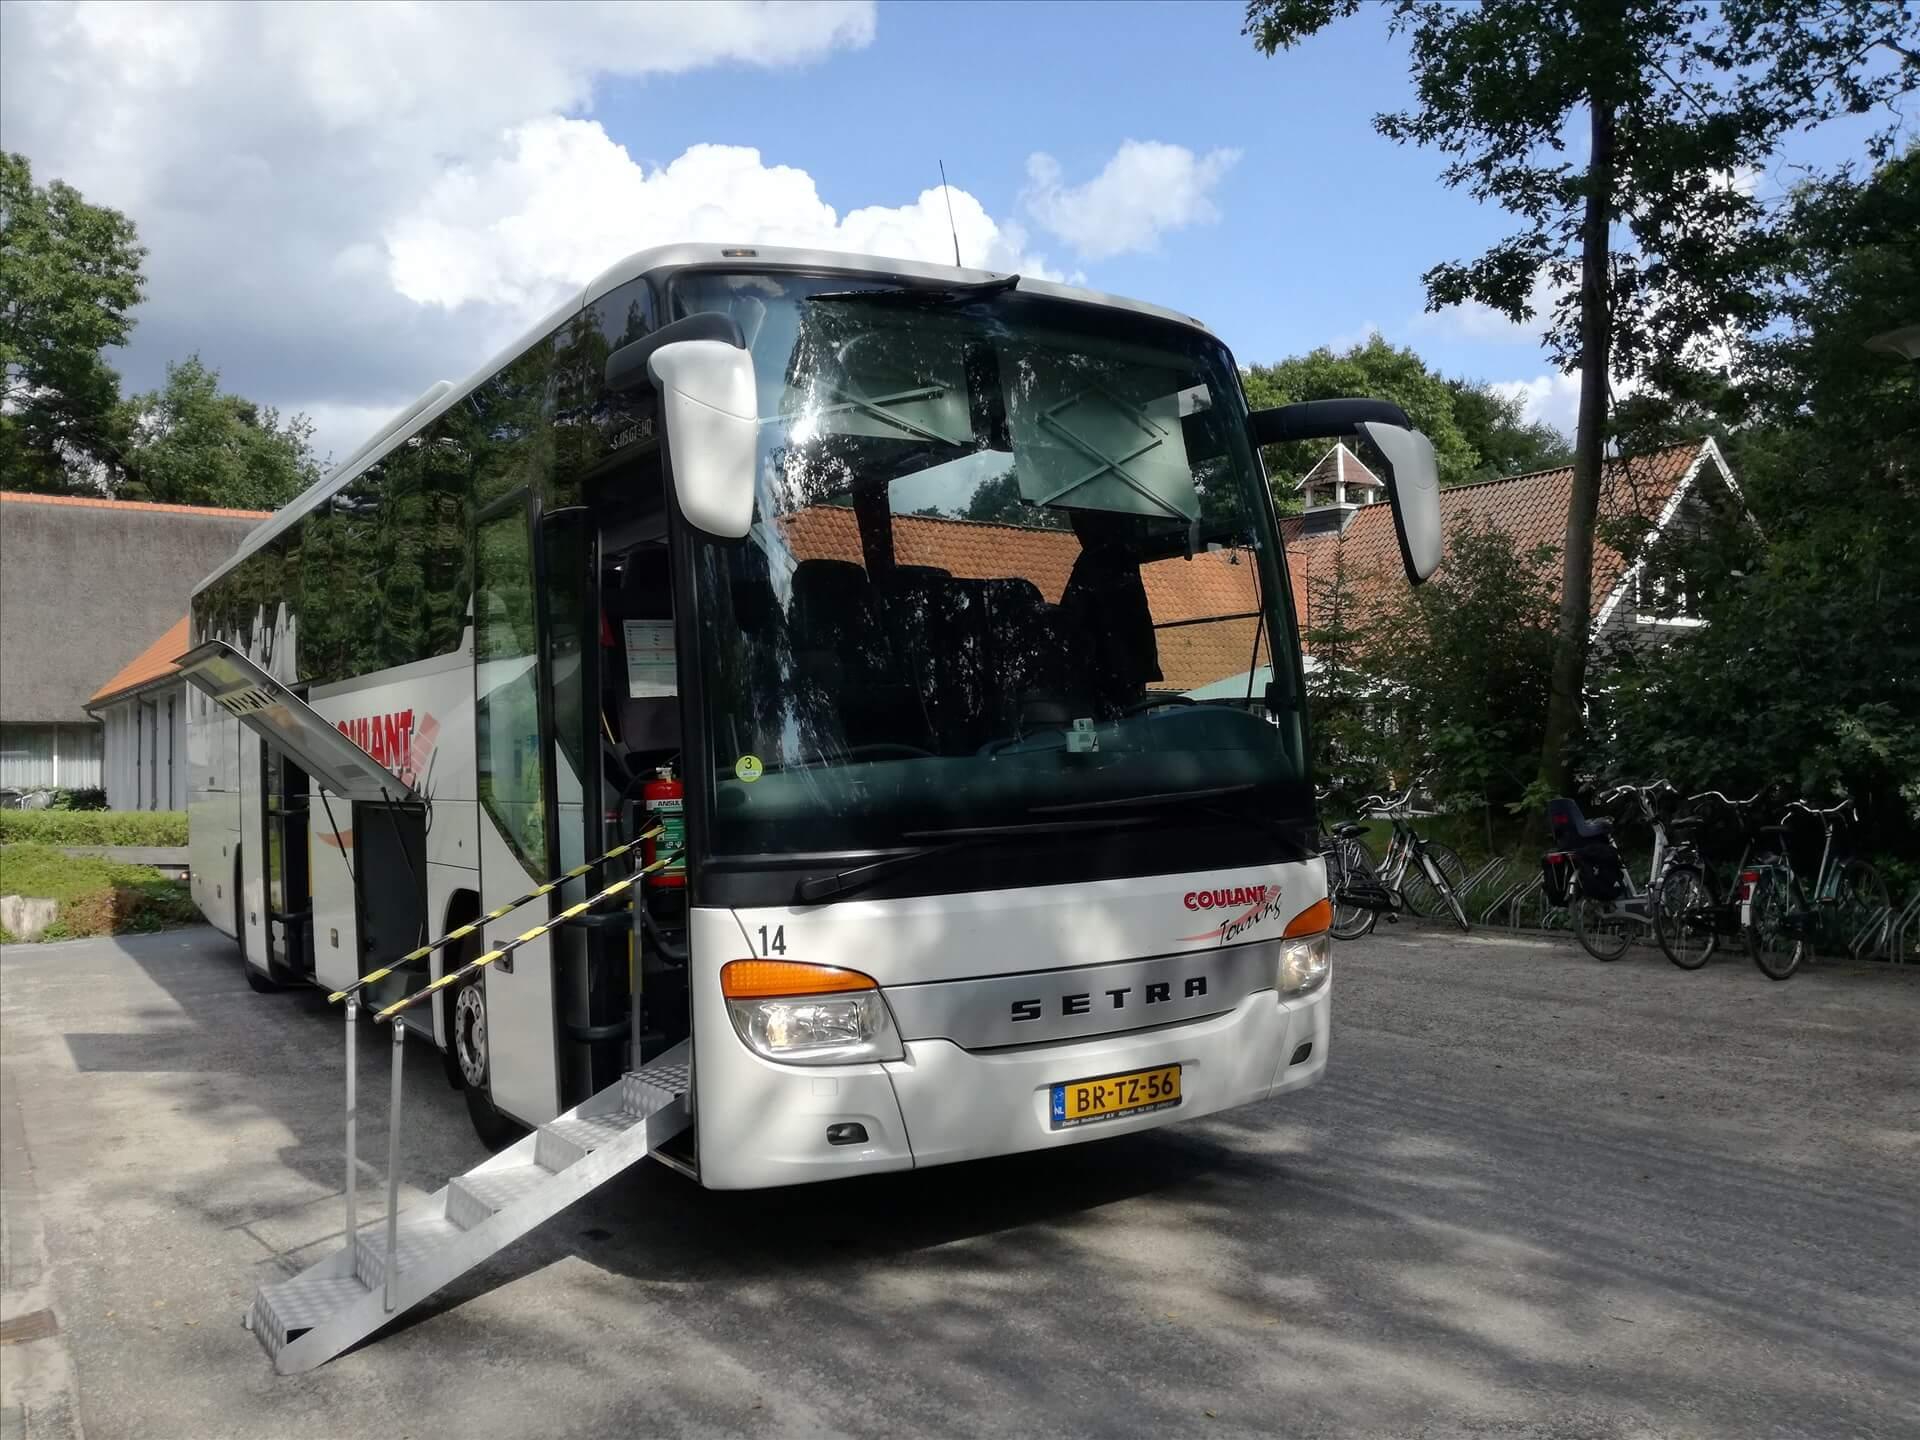 tourbus-voor-mensen-die-slecht-ter-been-zijn